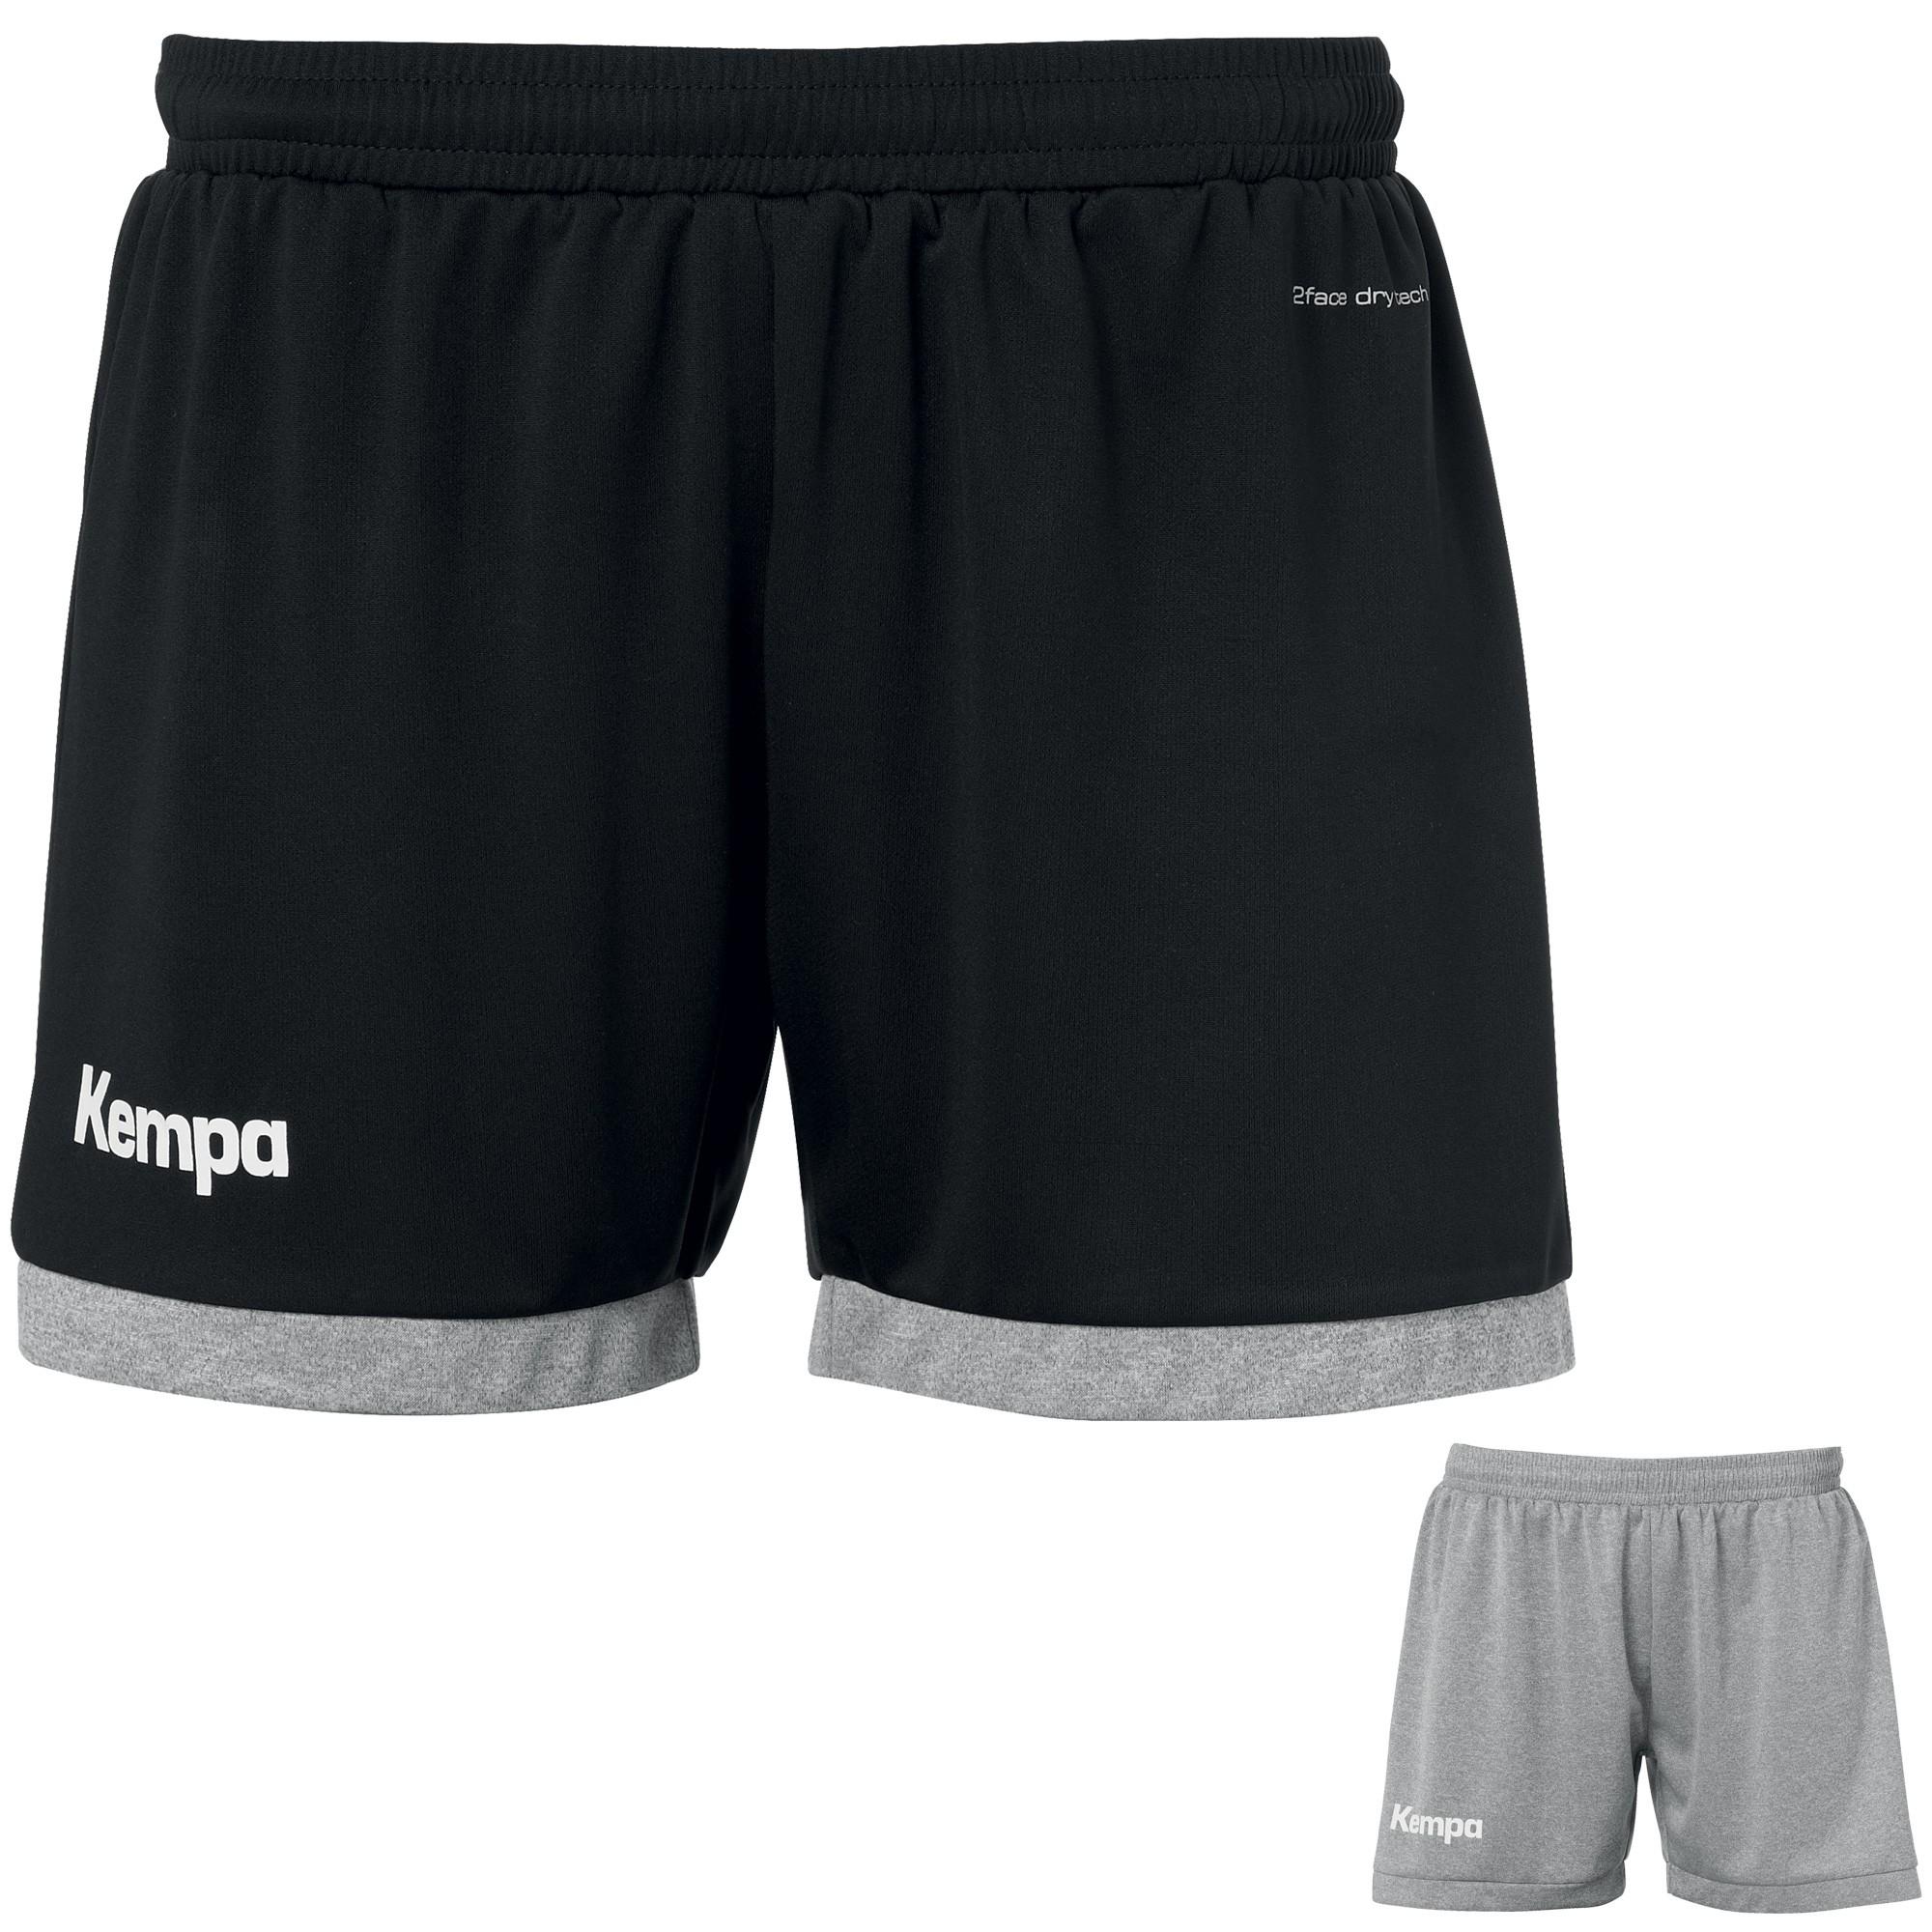 Kempa Core 2.0 Shorts Femme